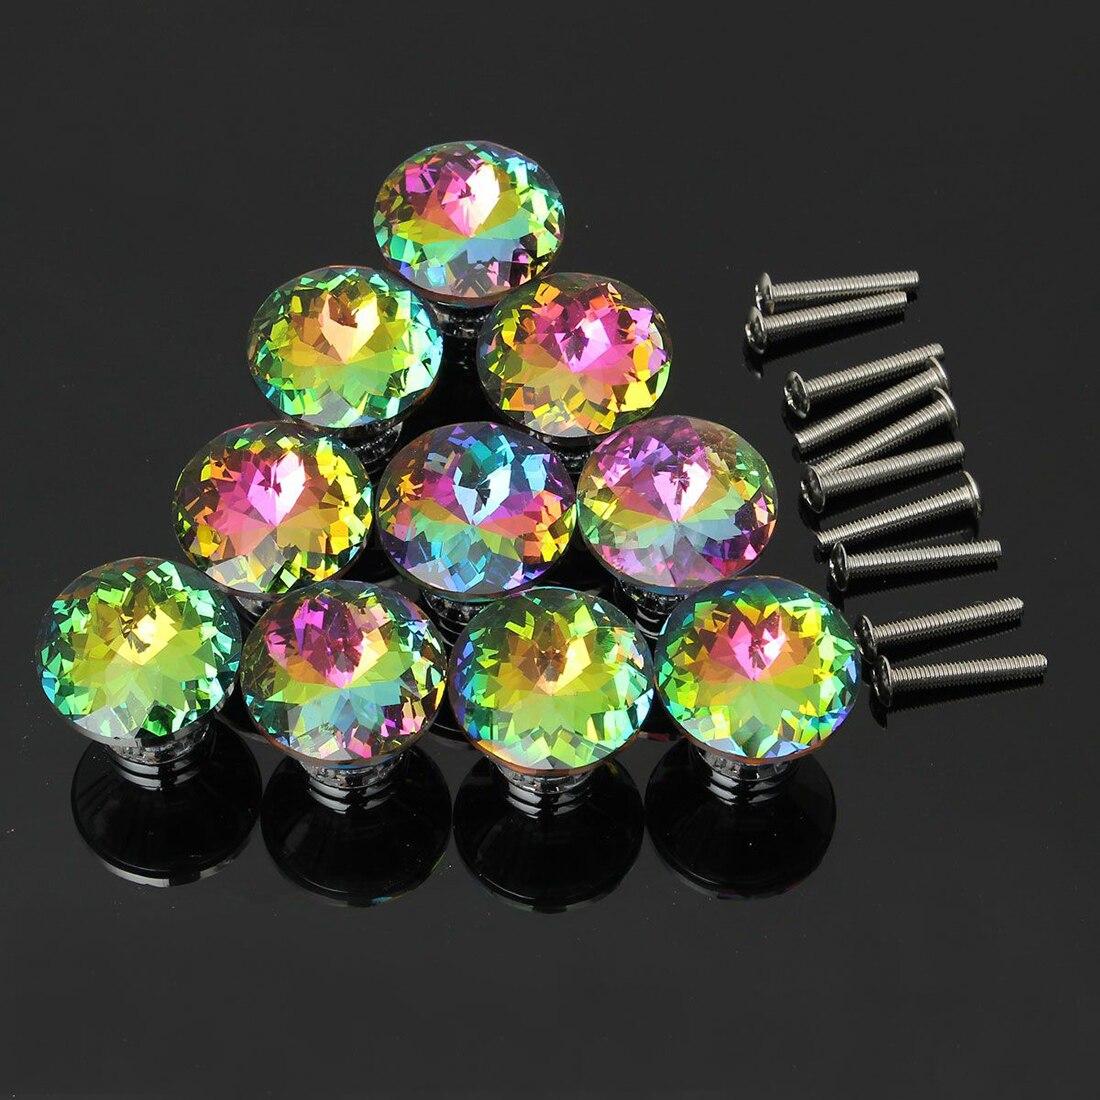 HHTL-10x Diamond Crystal Glass Door Knobs Cupboard Wardrobe Cabinet Door Handles cabinet knobs and handles crystal diamond glass 30